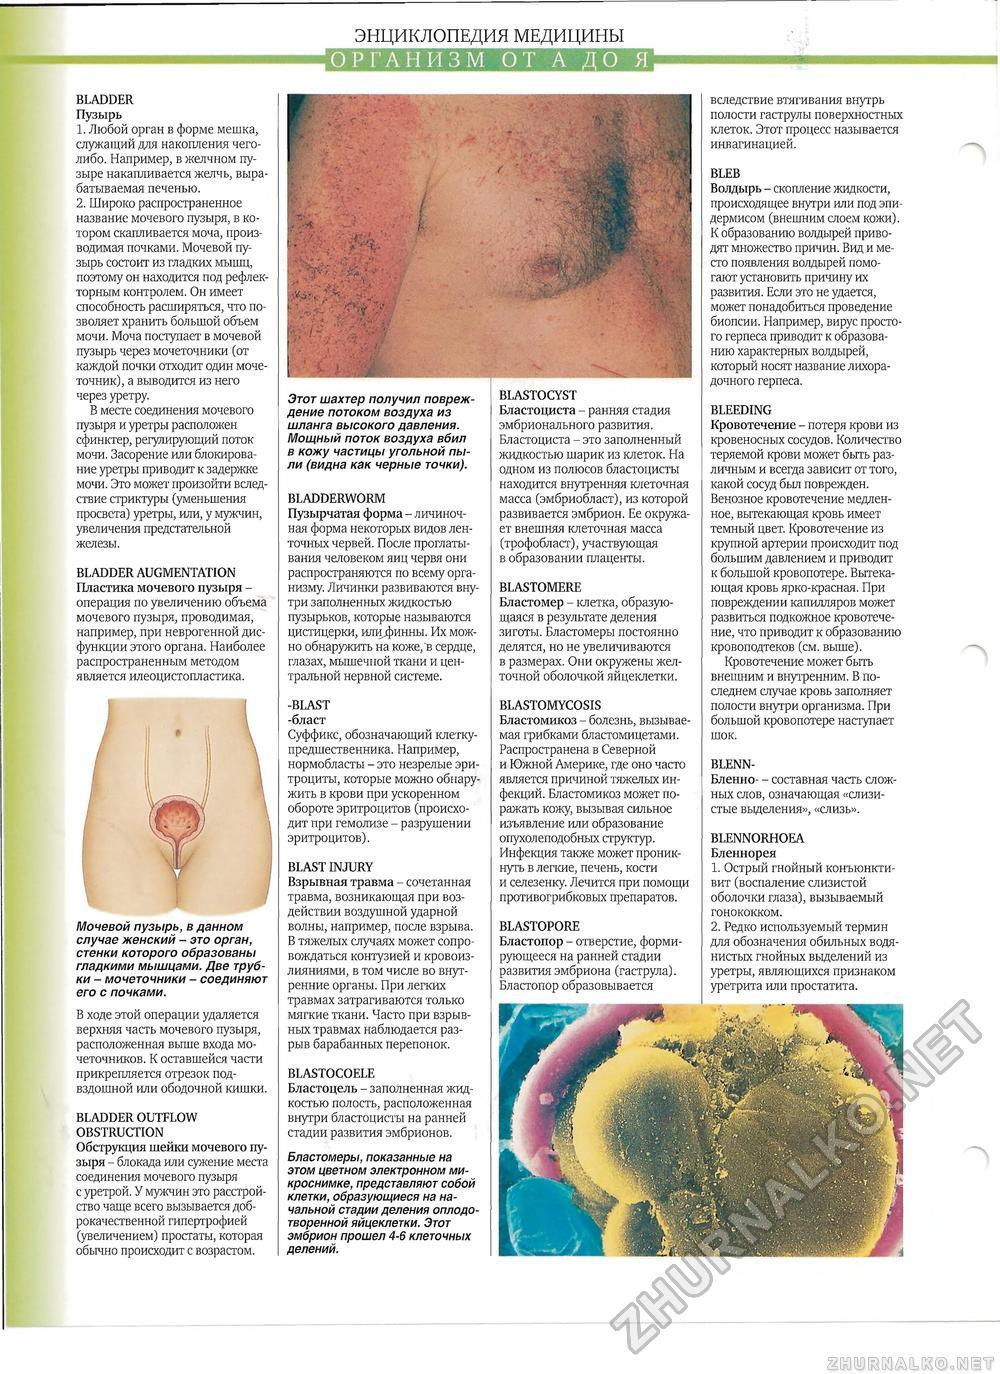 Илеоцистопластика